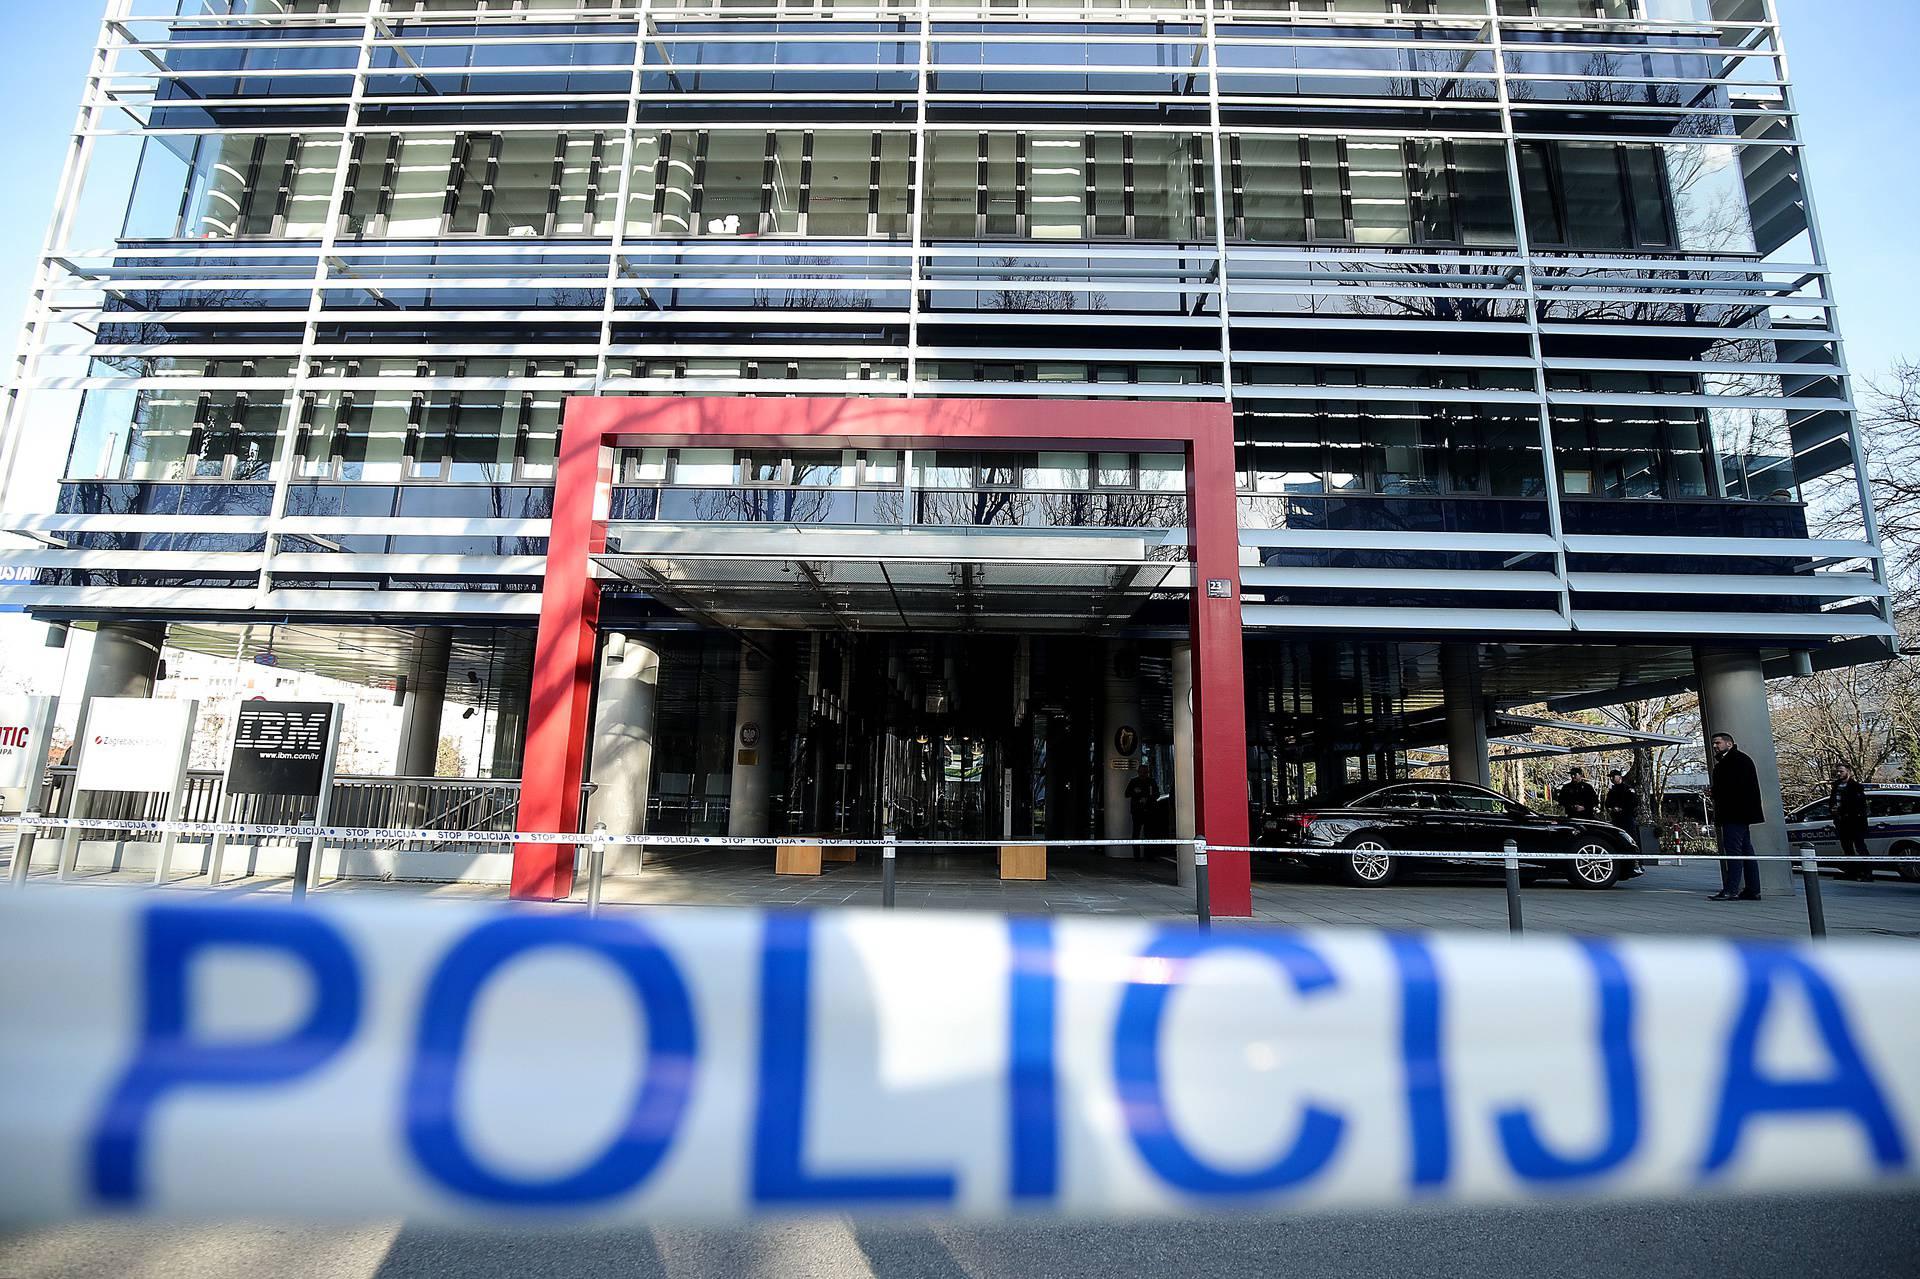 Lažna dojava: Policija dva sata tražila bombu u Eurocentru